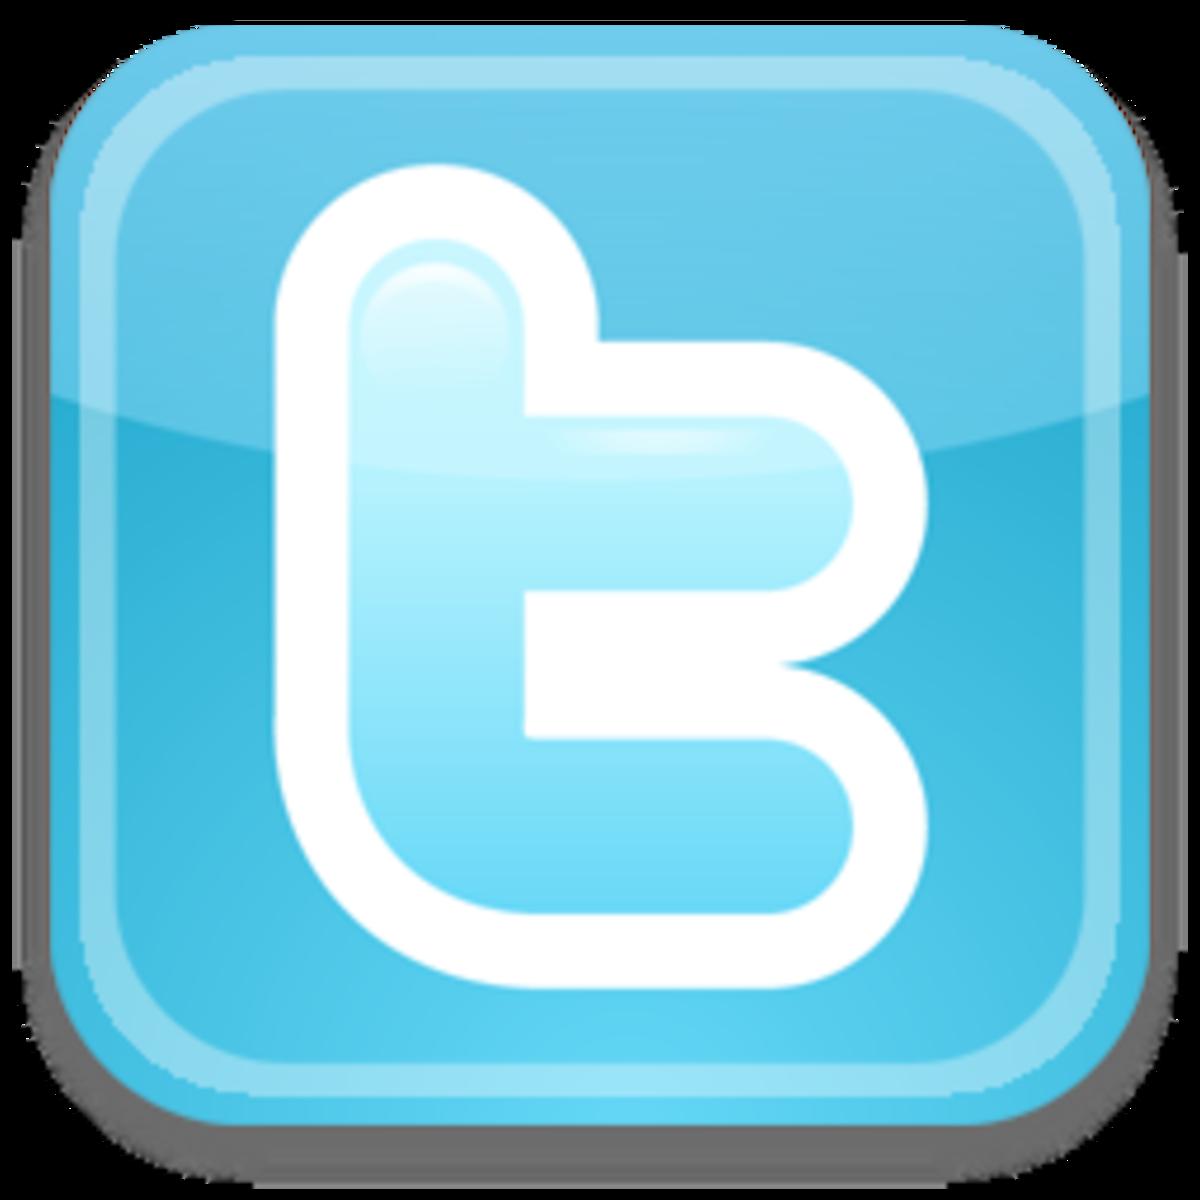 twitter-button3